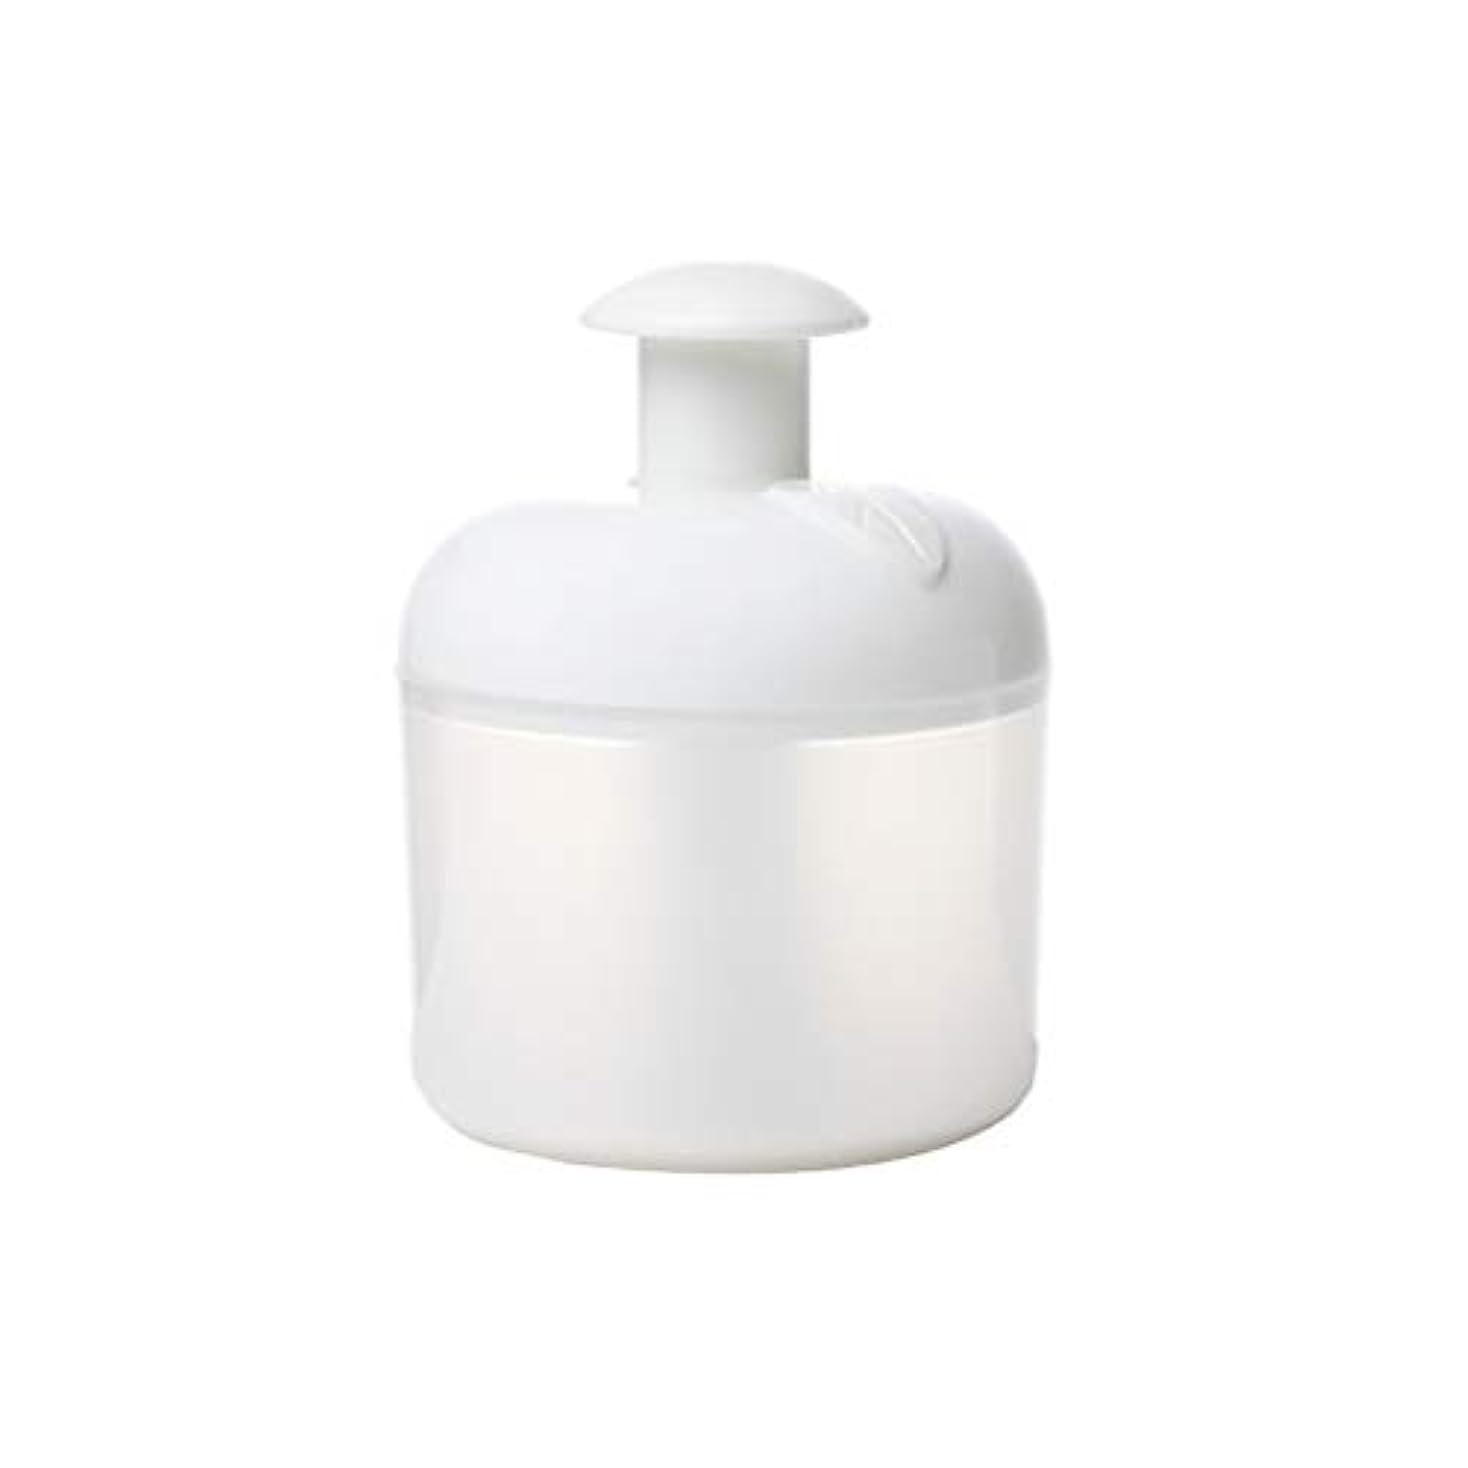 ペインティング肘掛け椅子自分を引き上げるLurrose 洗顔泡立て器フェイスクレンザーバブルメーカー用フェイスウォッシュスキンケアトラベル家庭用(ホワイト)